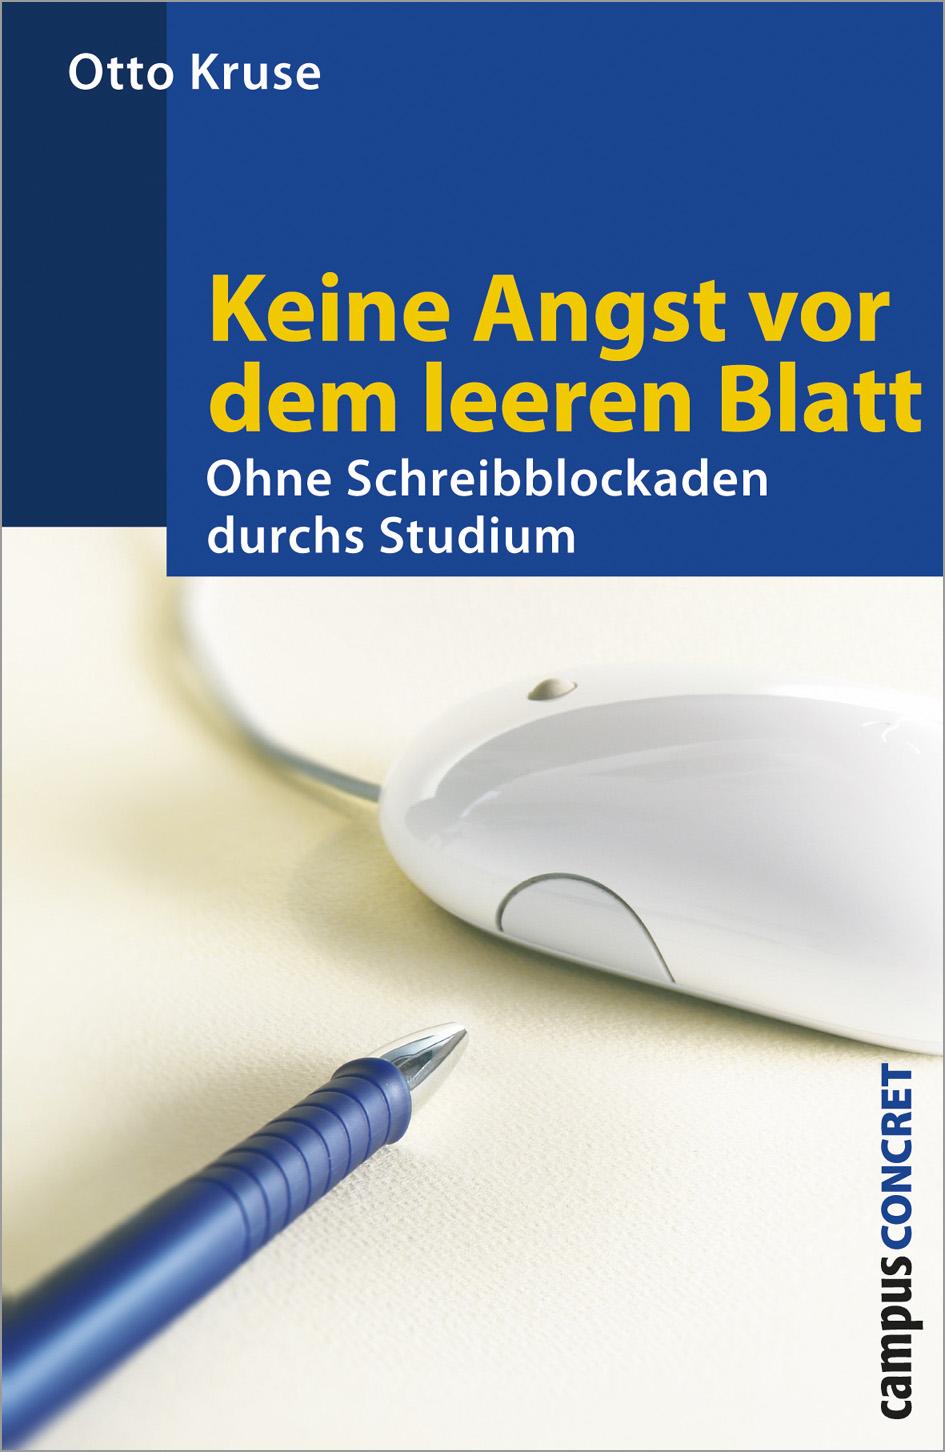 Schön Leere Wochenplanvorlage Bilder - Entry Level Resume Vorlagen ...